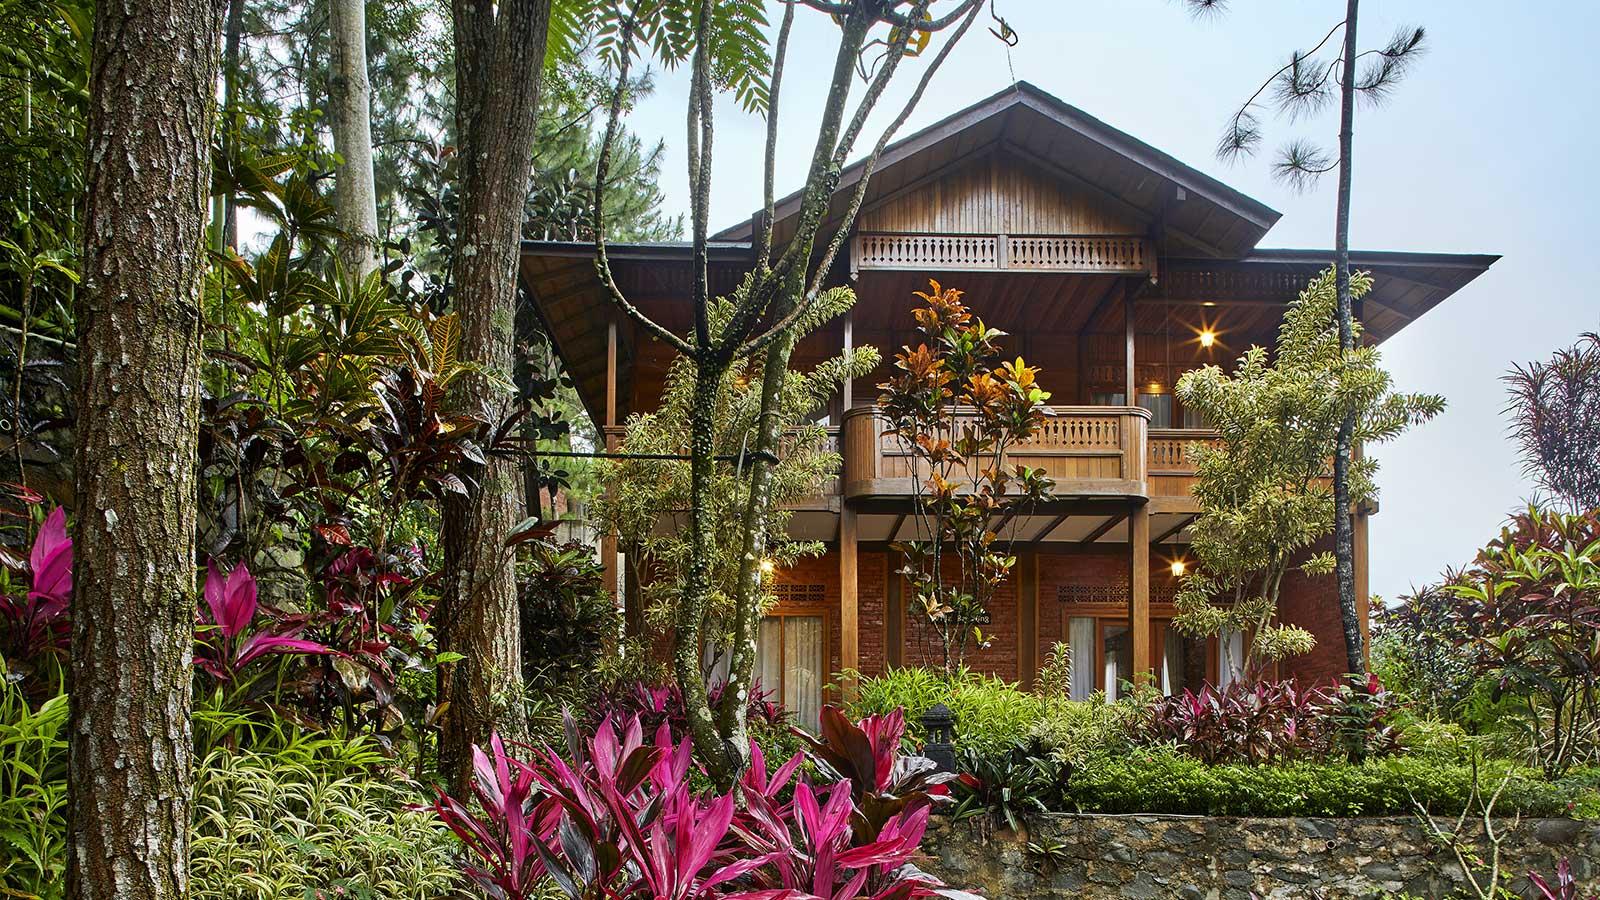 Wego_Rekomendasi Vila dan Hotel Murah tapi Bagus di Puncak_Jambuluwuk Convention Hall & Resort Puncak